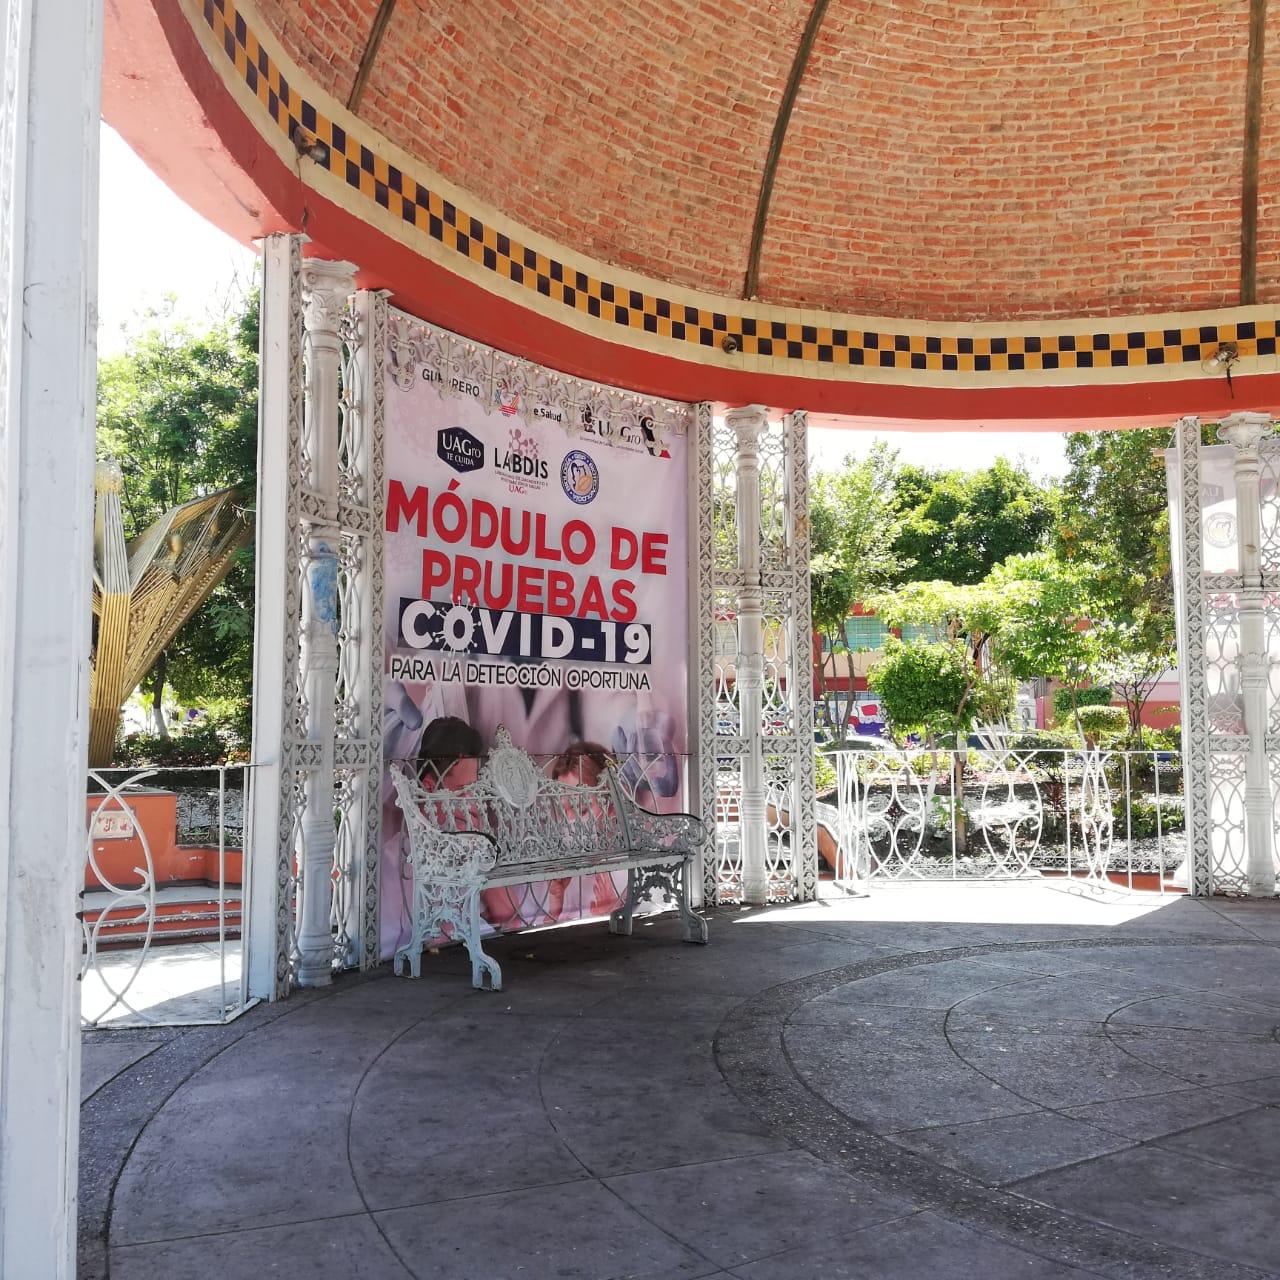 Quitan módulos de detección Covid en Chilpancingo; mujer ruega que los reinstalen